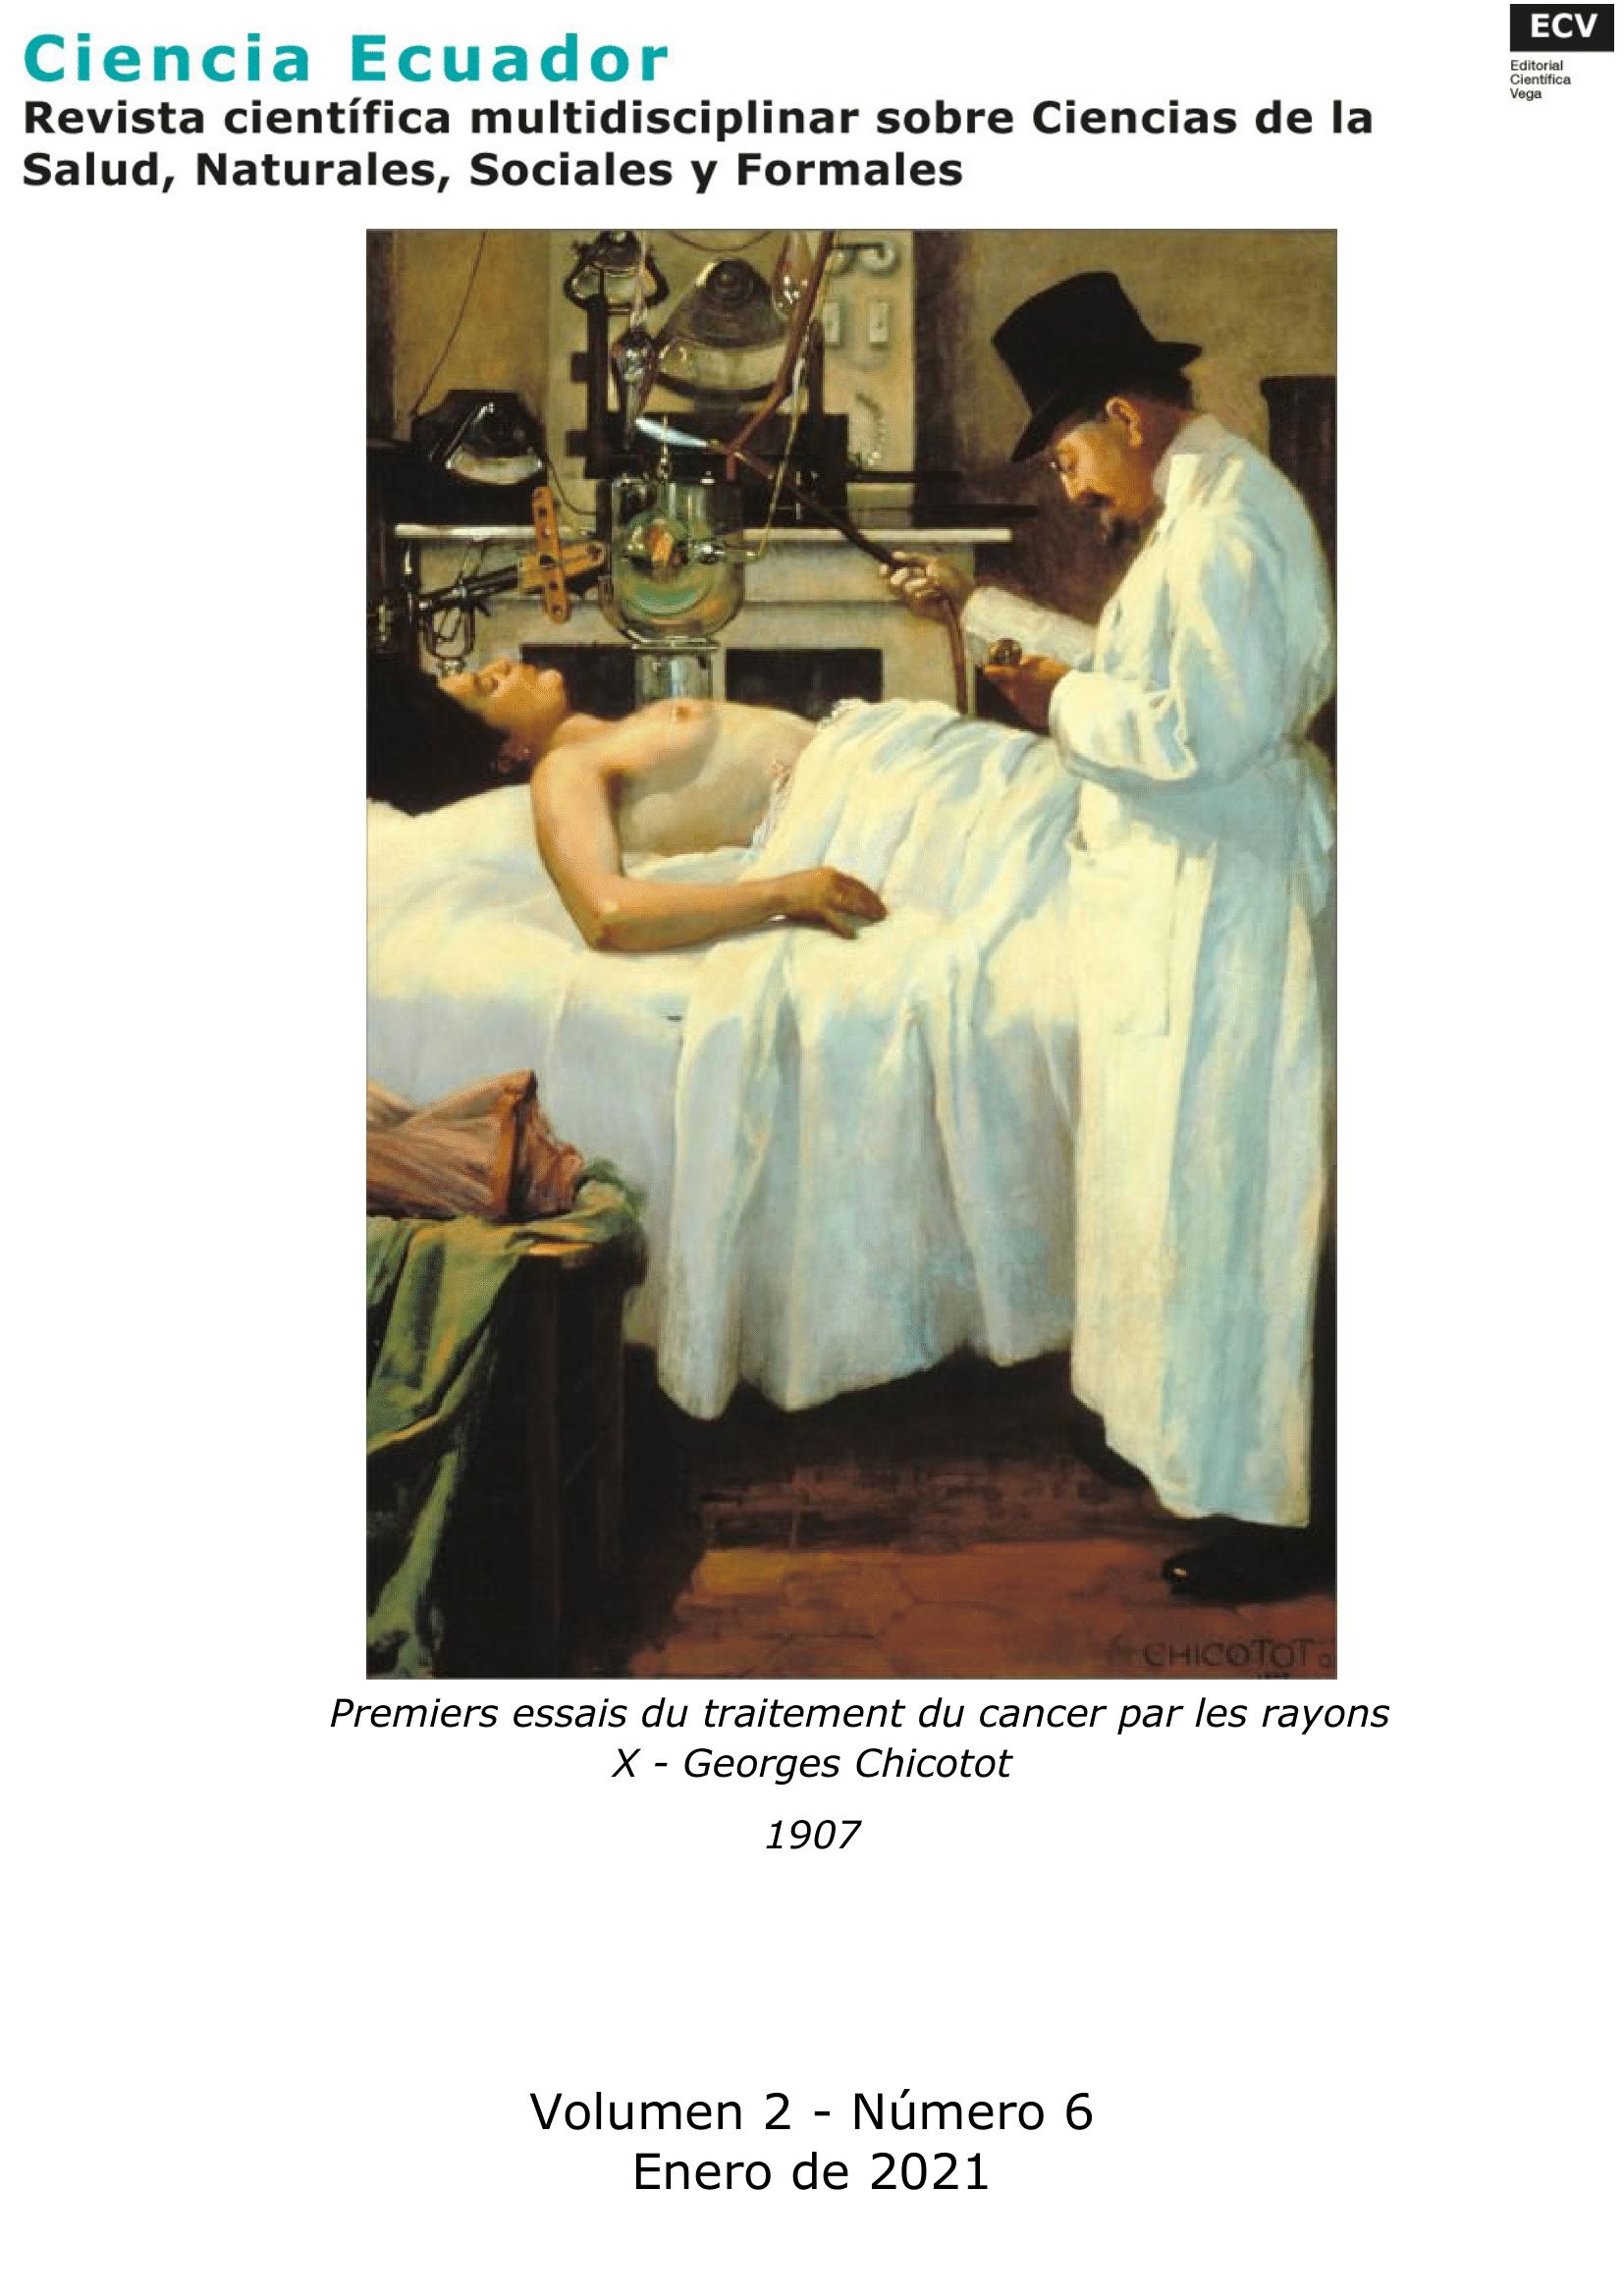 Primeros ensayos del tratamiento del cáncer por los rayos X. Imagen de dominio público